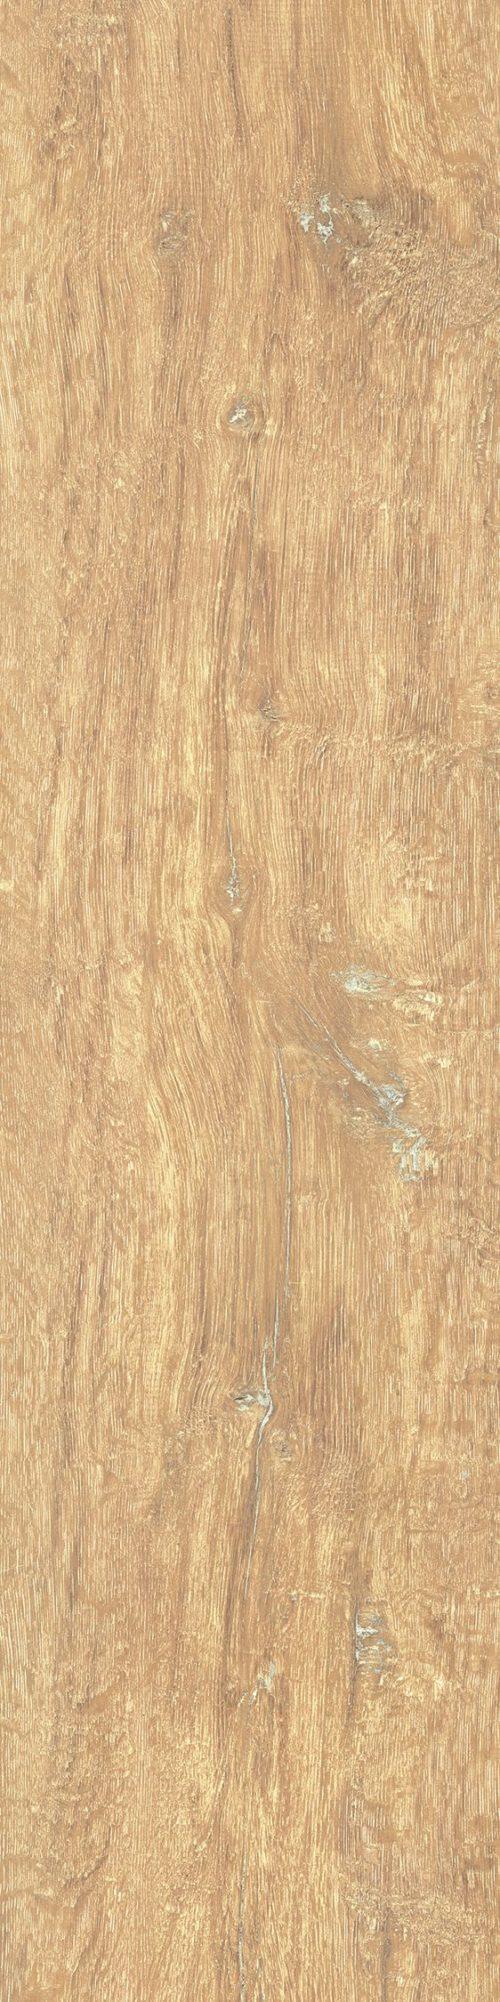 Керамогранит Italon «NL-Wood» Honey Grip (Новая Упаковка) структурированный (22.5Х90 см)